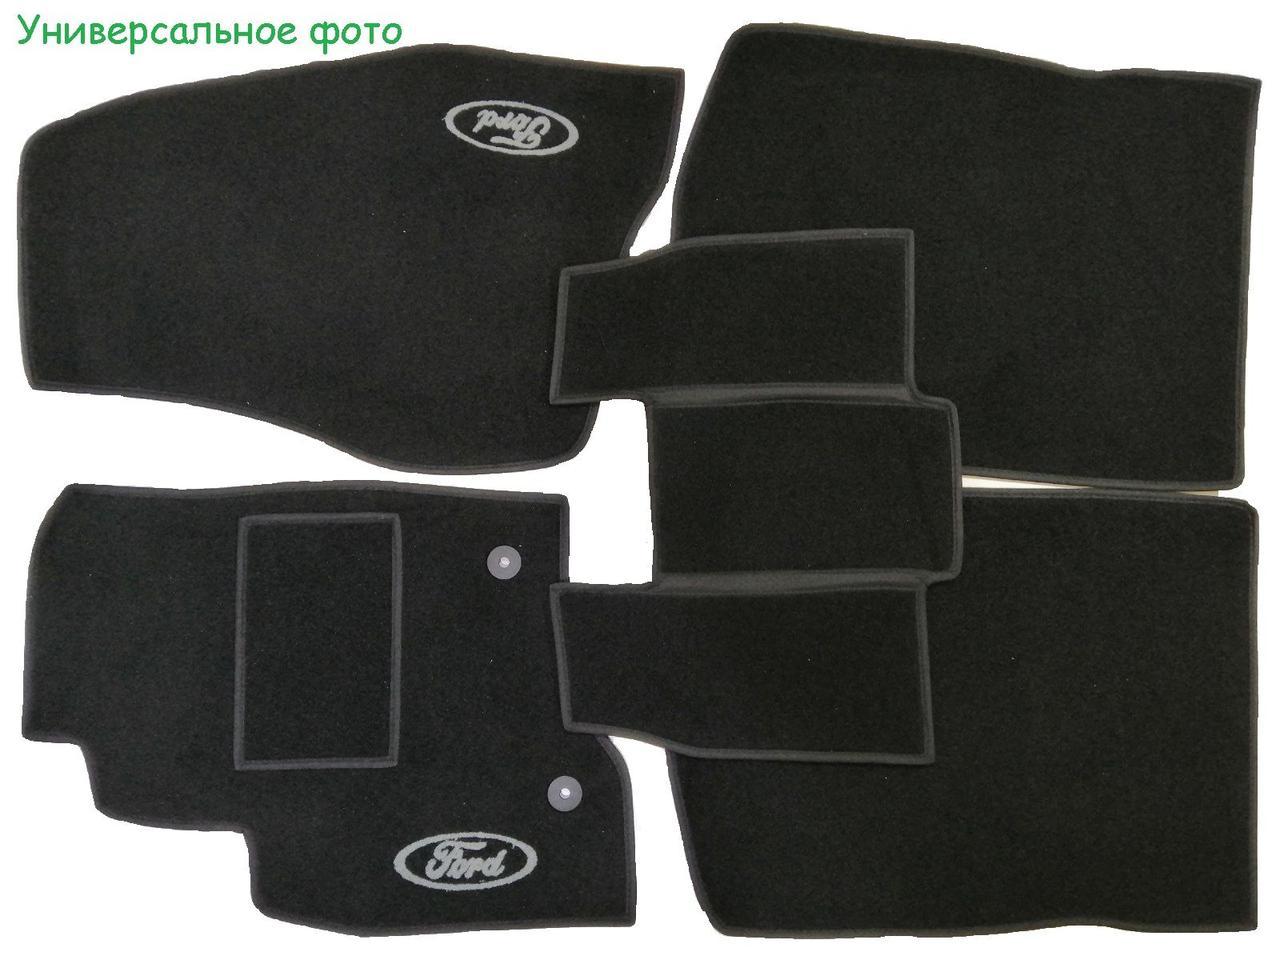 Коврики ворсовые в салон на Chery Tiggo'05- черные